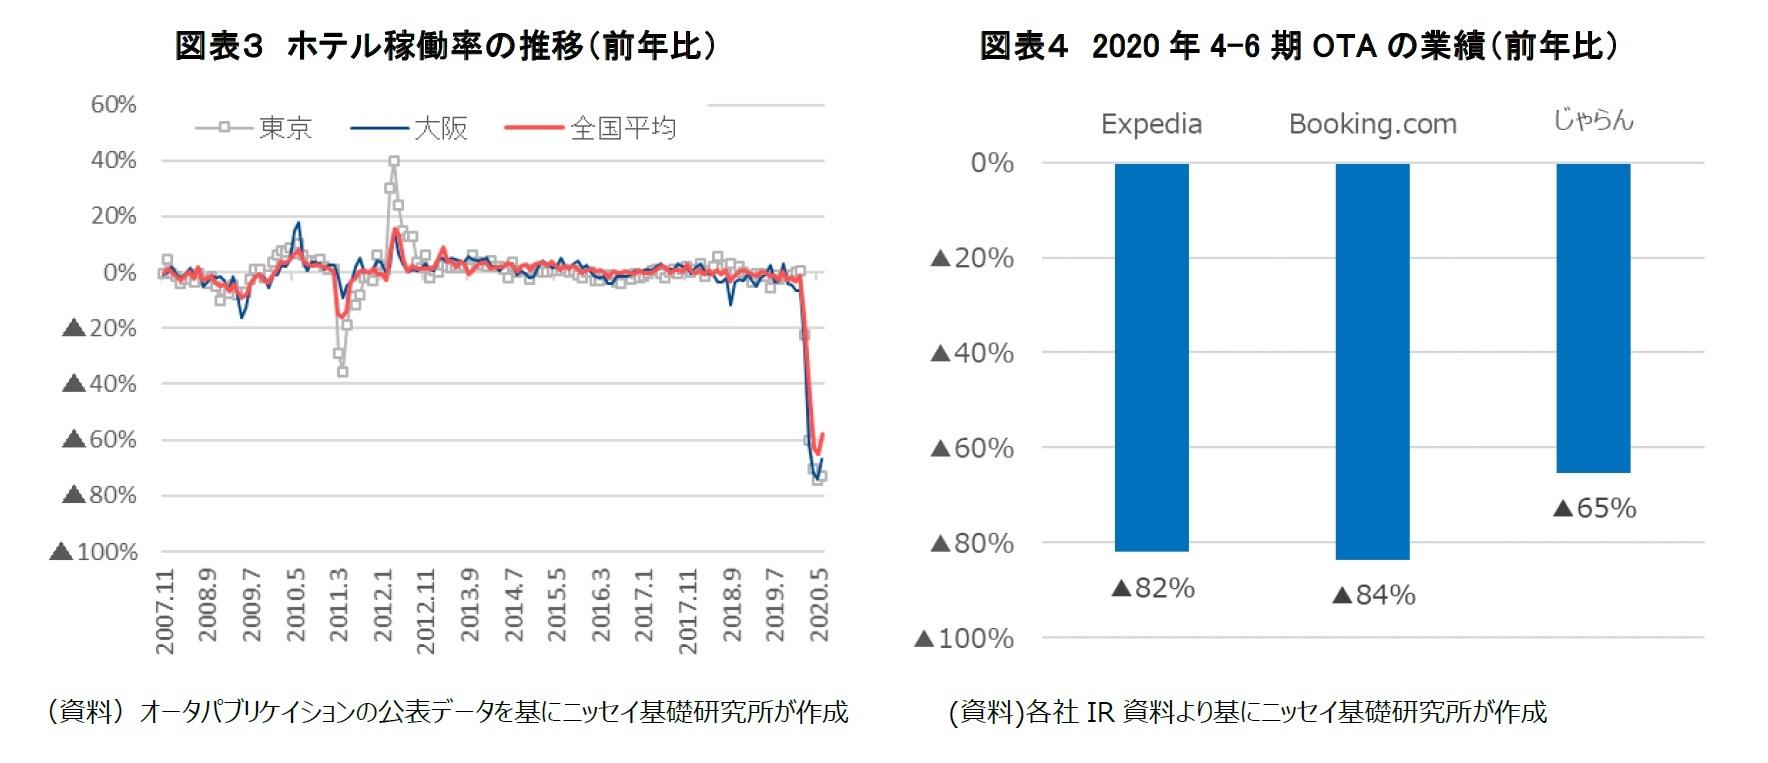 図表3 ホテル稼働率の推移(前年比)/図表4 2020 年4-6 期OTA の業績(前年比)